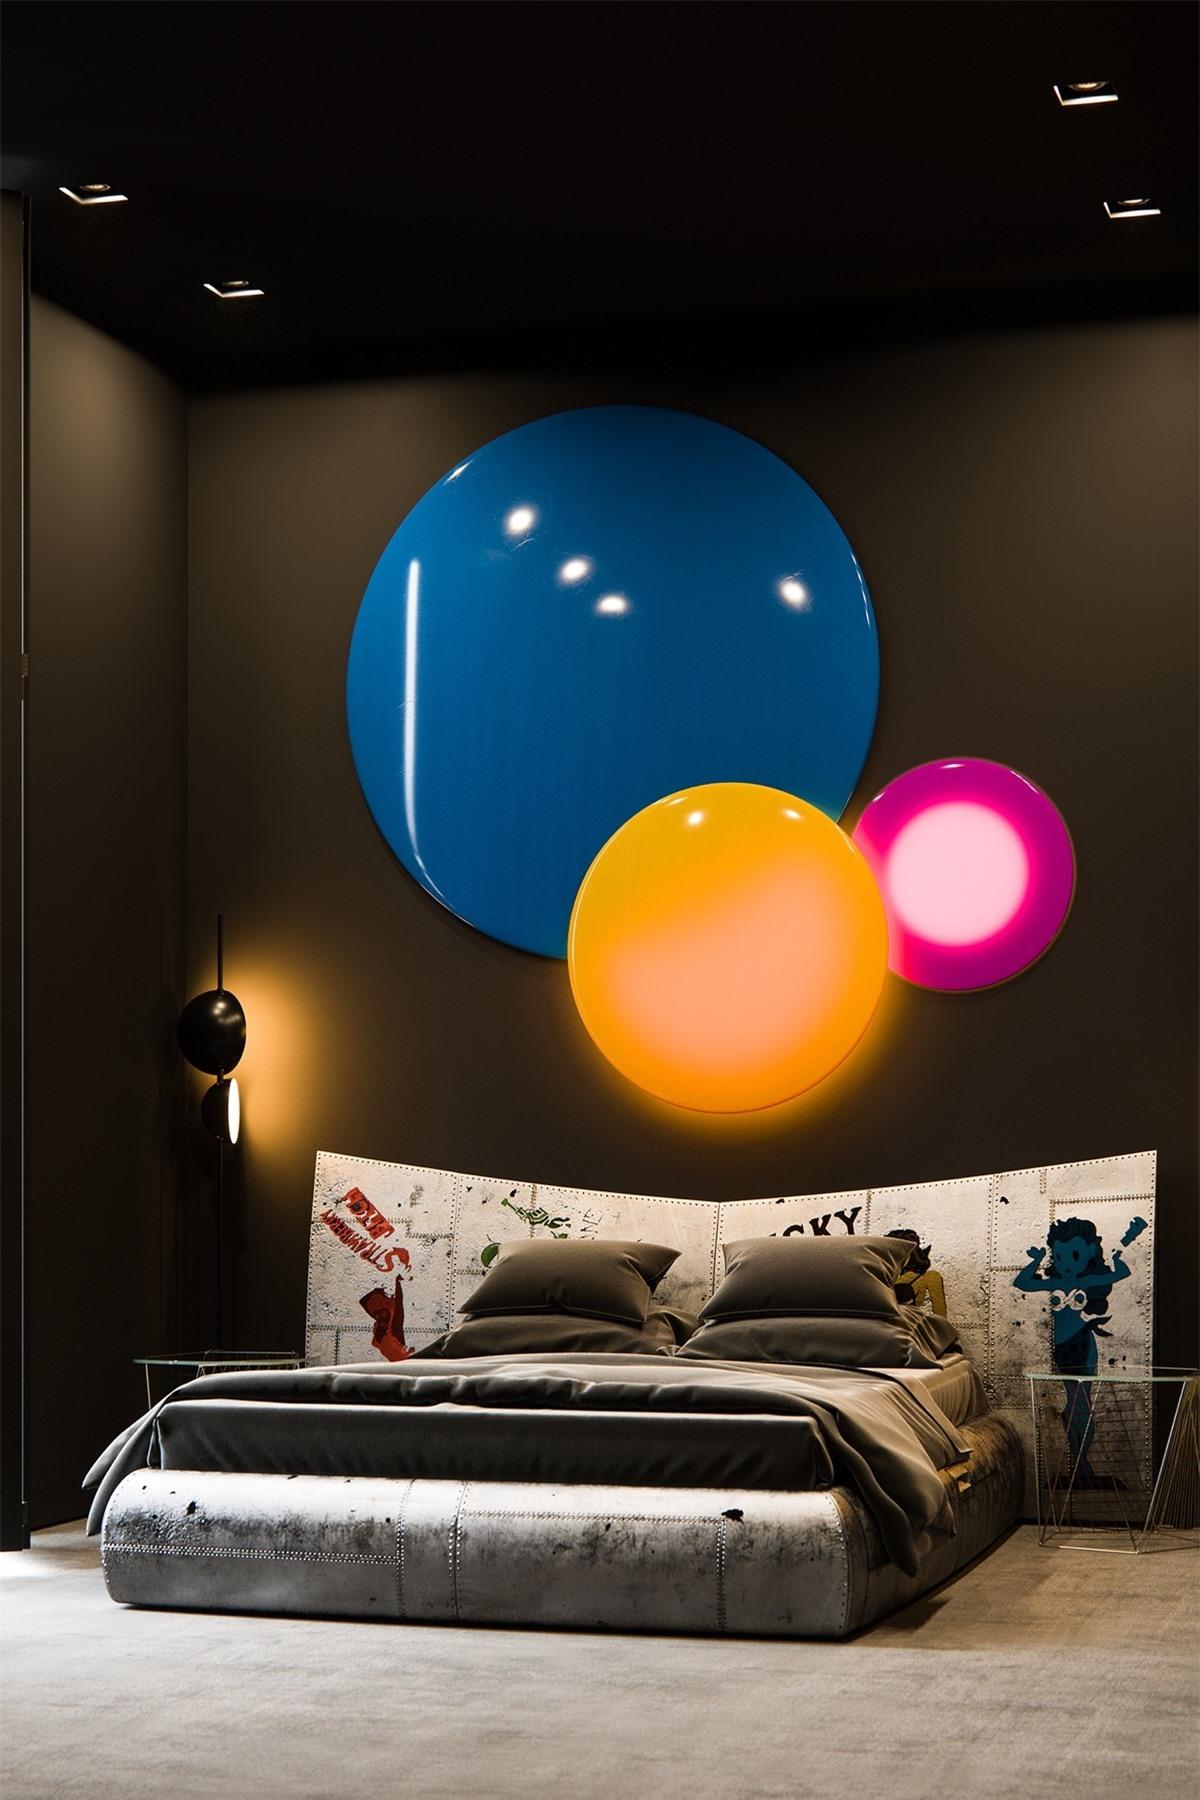 Màu đen trở thành một phông nền hoàn hảo với các điểm nhấn màu sắc và chiếc giường độc đáo này.